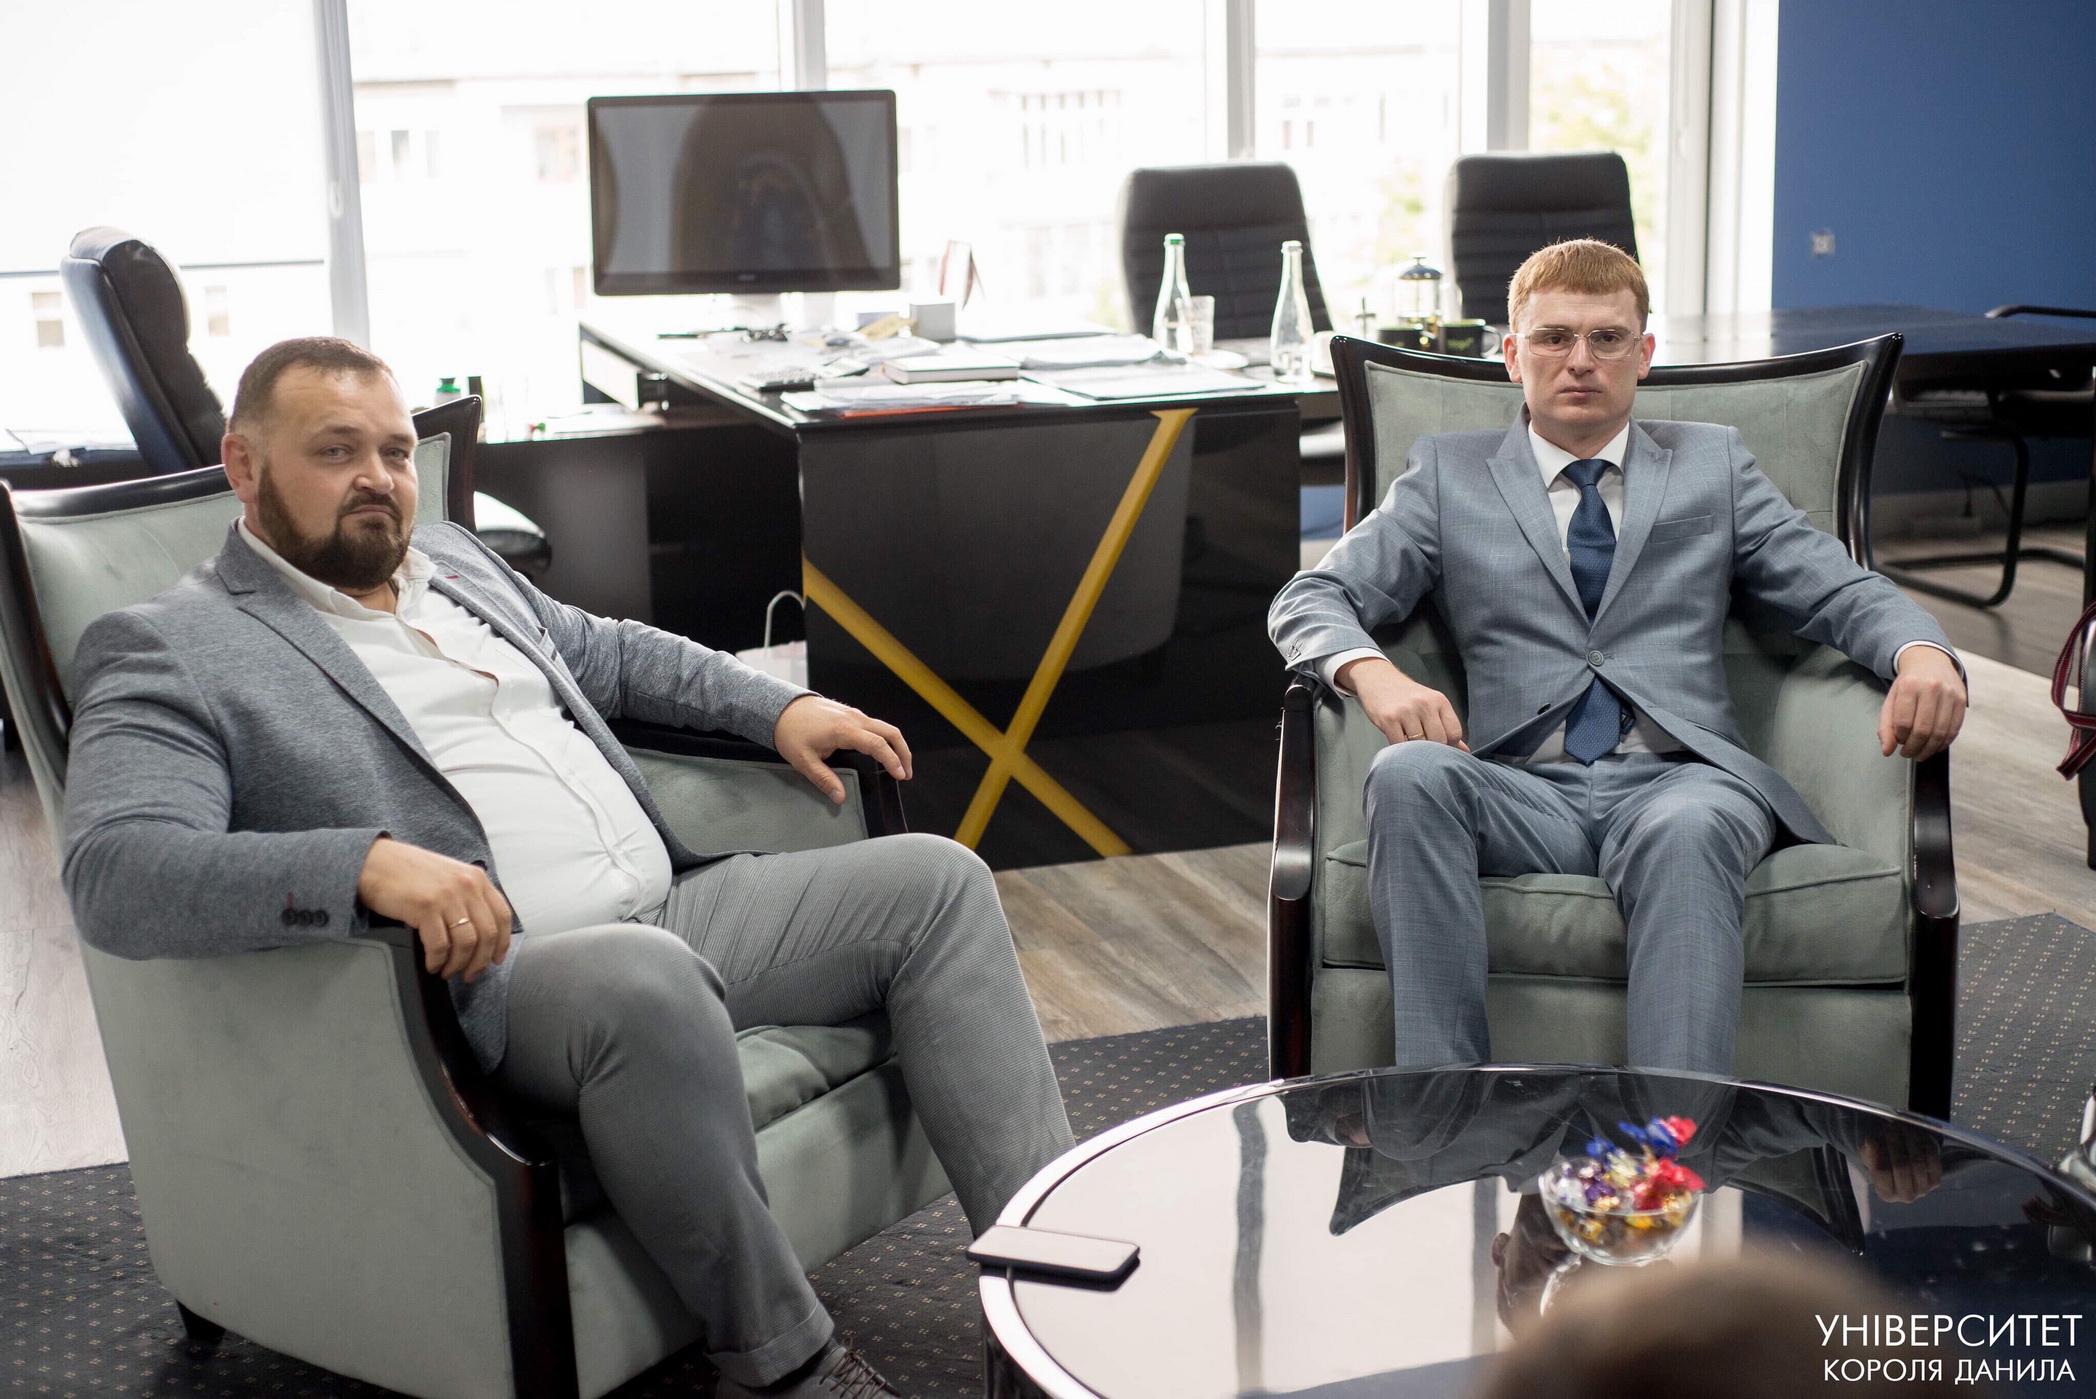 Університет Короля Данила першим серед закладів вищої освіти Прикарпаття запровадив нову систему управління